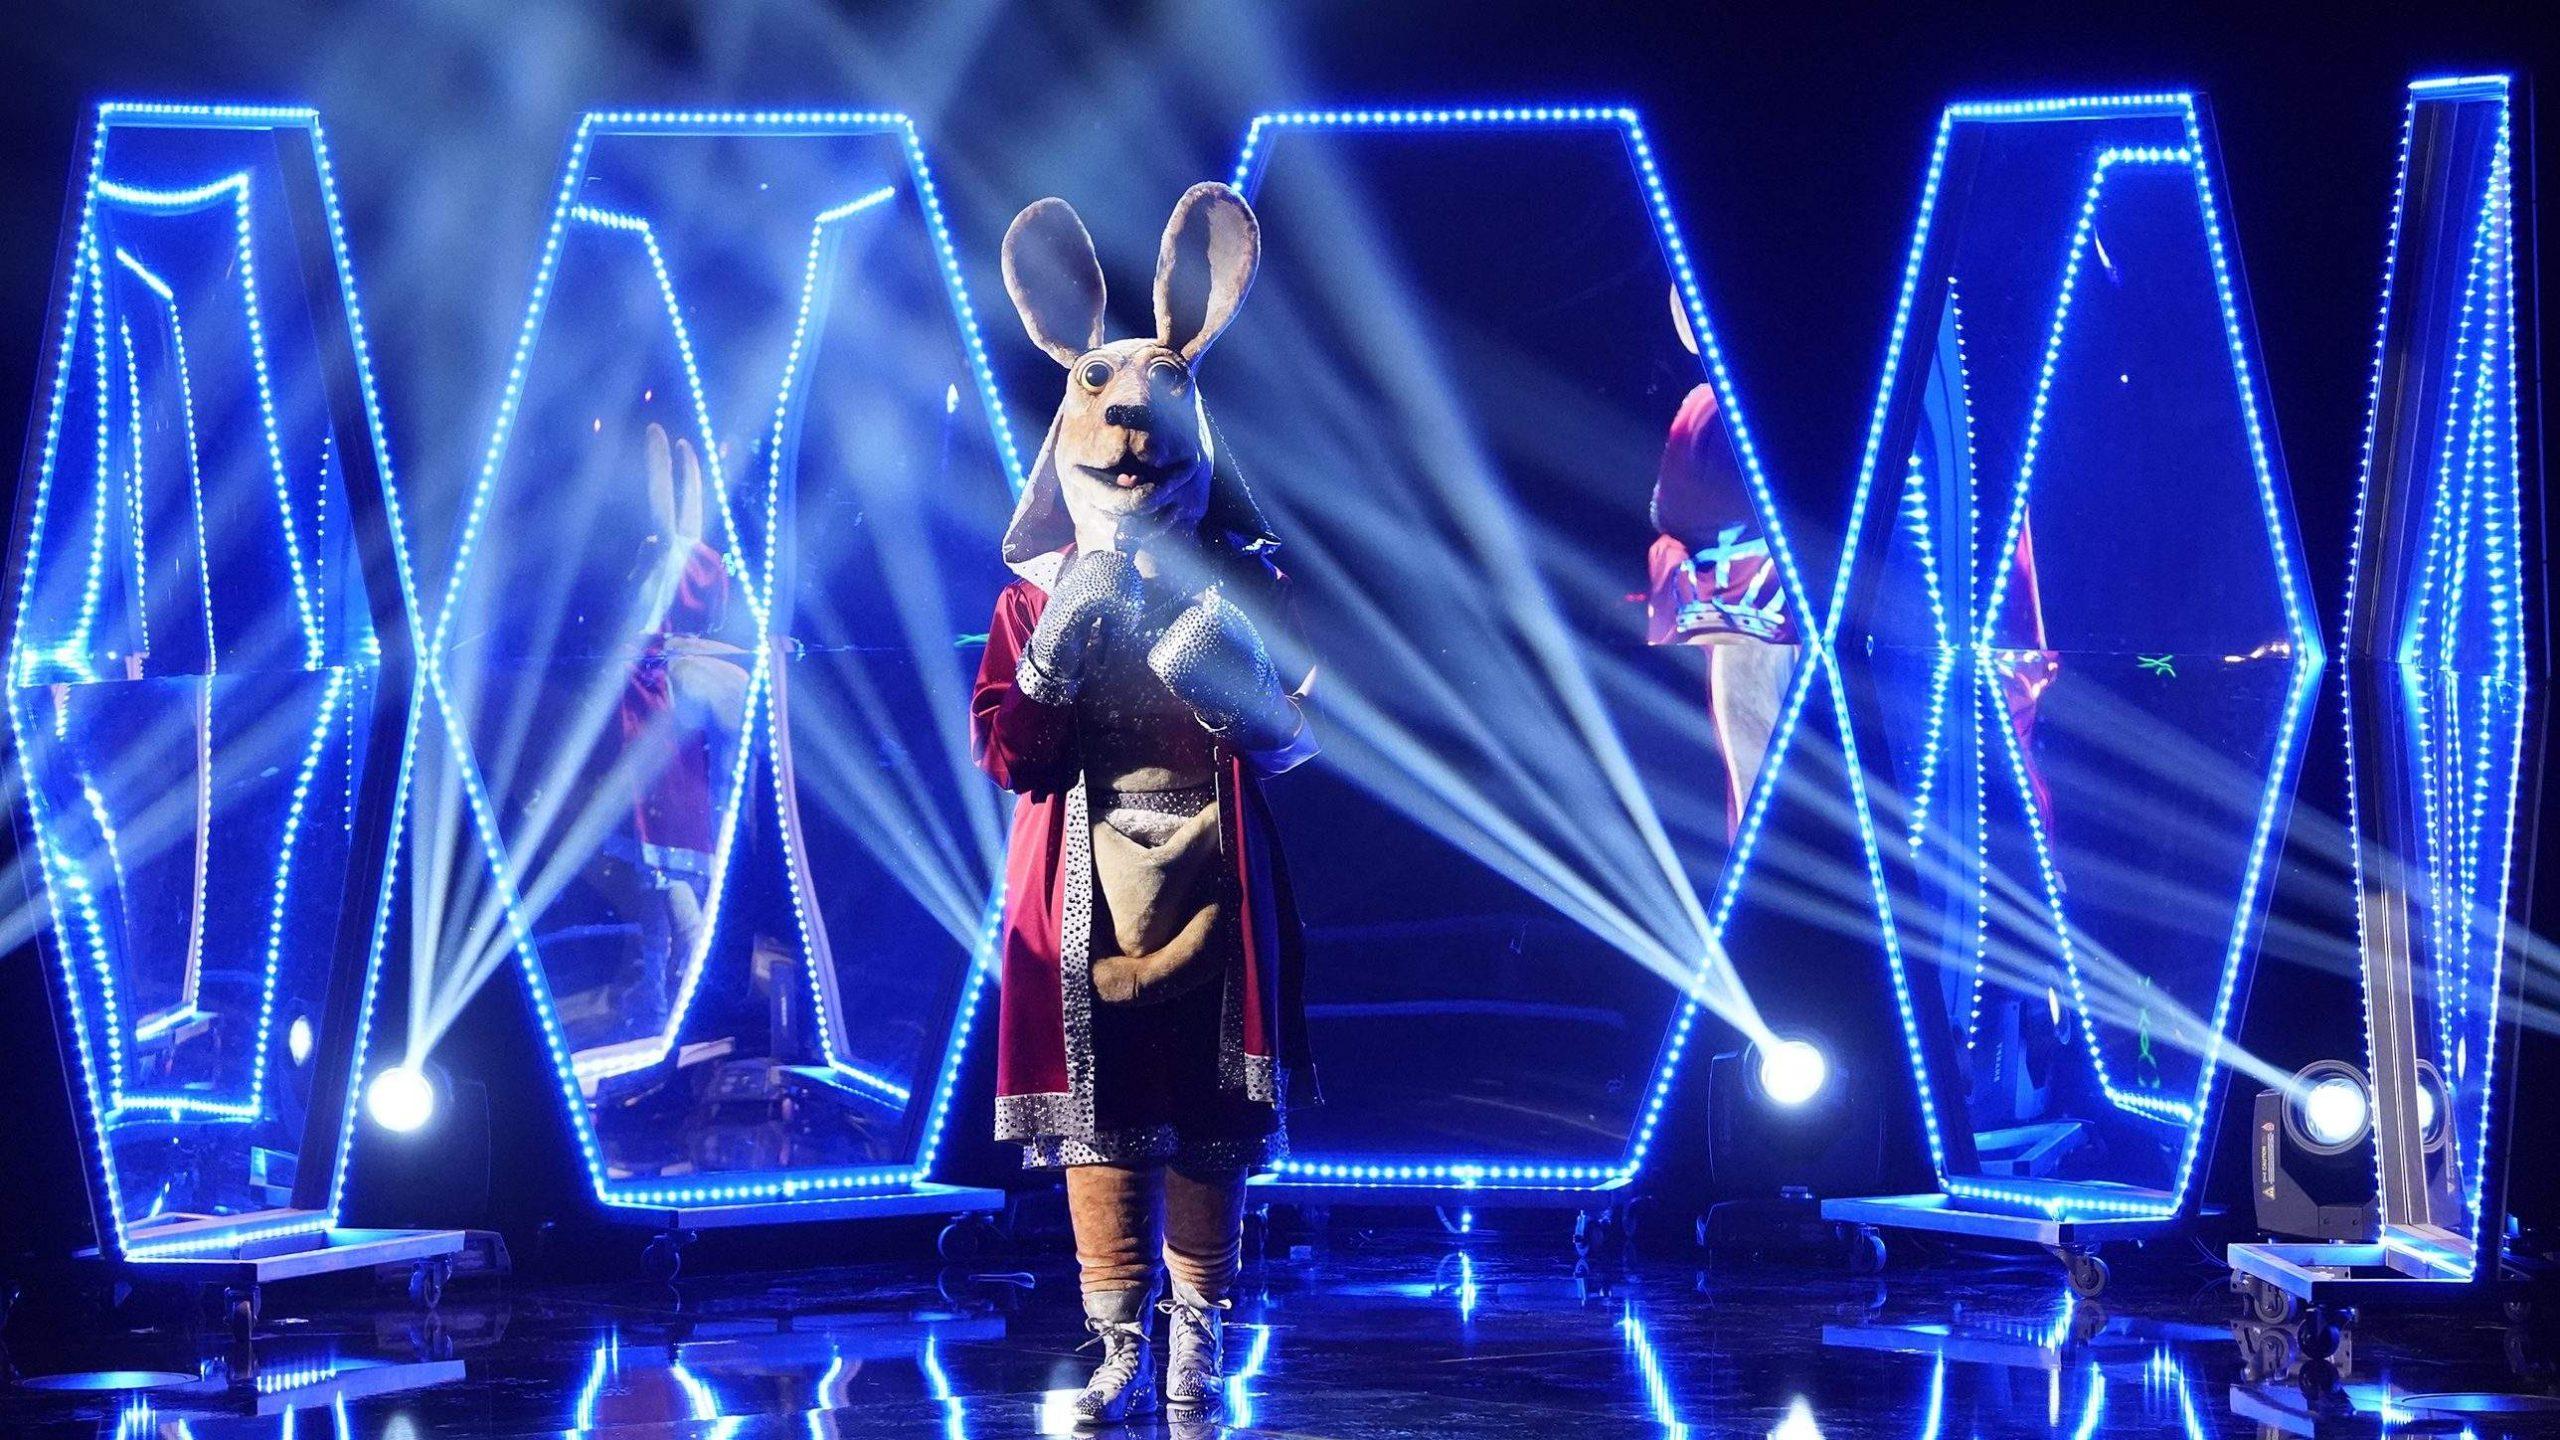 ¿Quién es Kangaroo en 'El cantante enmascarado'? Nuevas pistas y conjeturas 1